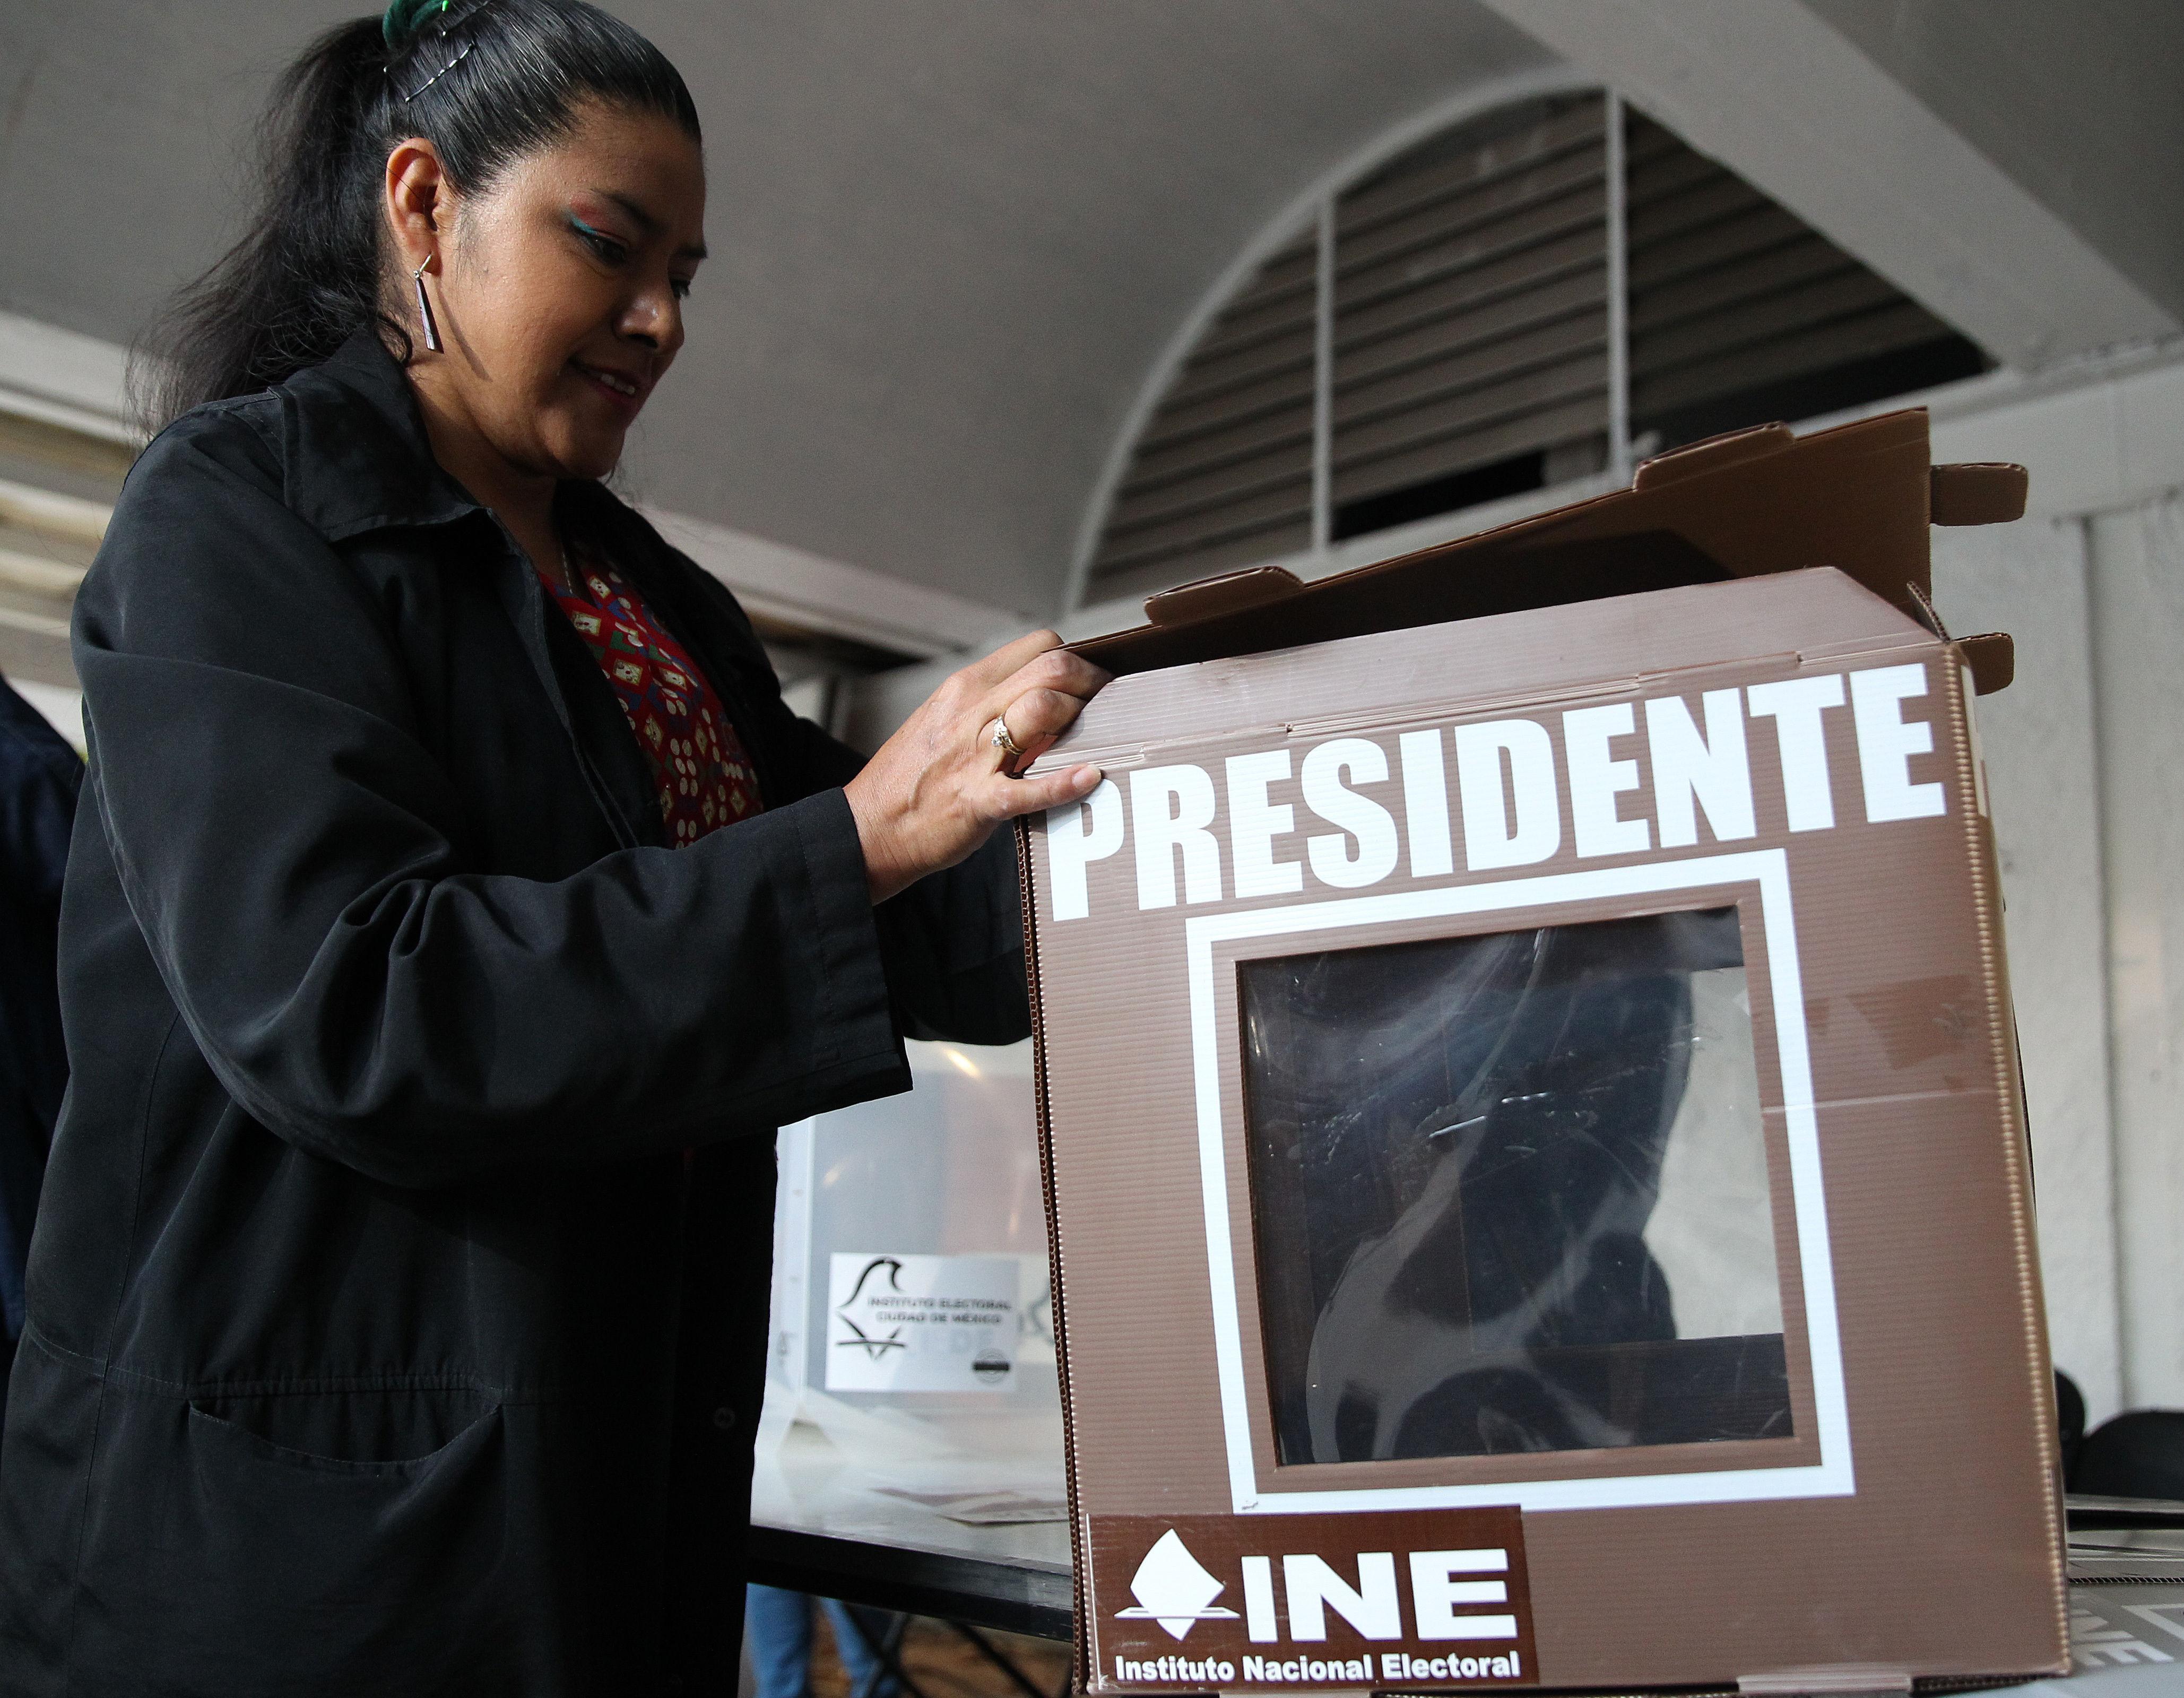 Las elecciones se resolverán en la mesa y no en las urnas, pretensión de AMLO